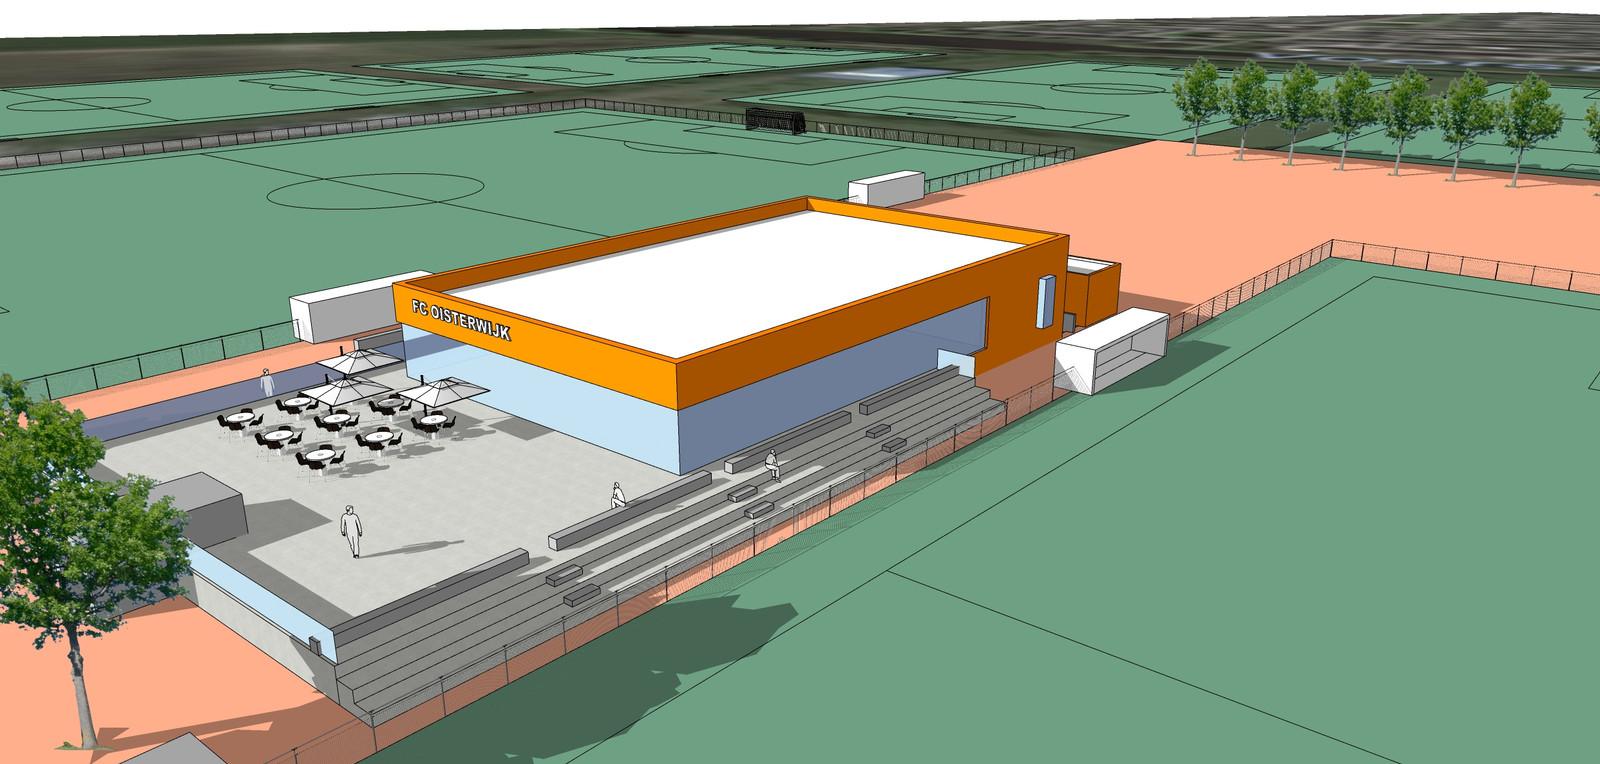 Impressie van de nieuwe voetbalaccommodatie voor 'FC Oisterwijk', werktitel voor de fusieclub van Oisterwijk, zoals opgenomen in het collegevoorstel aan de gemeenteraad.